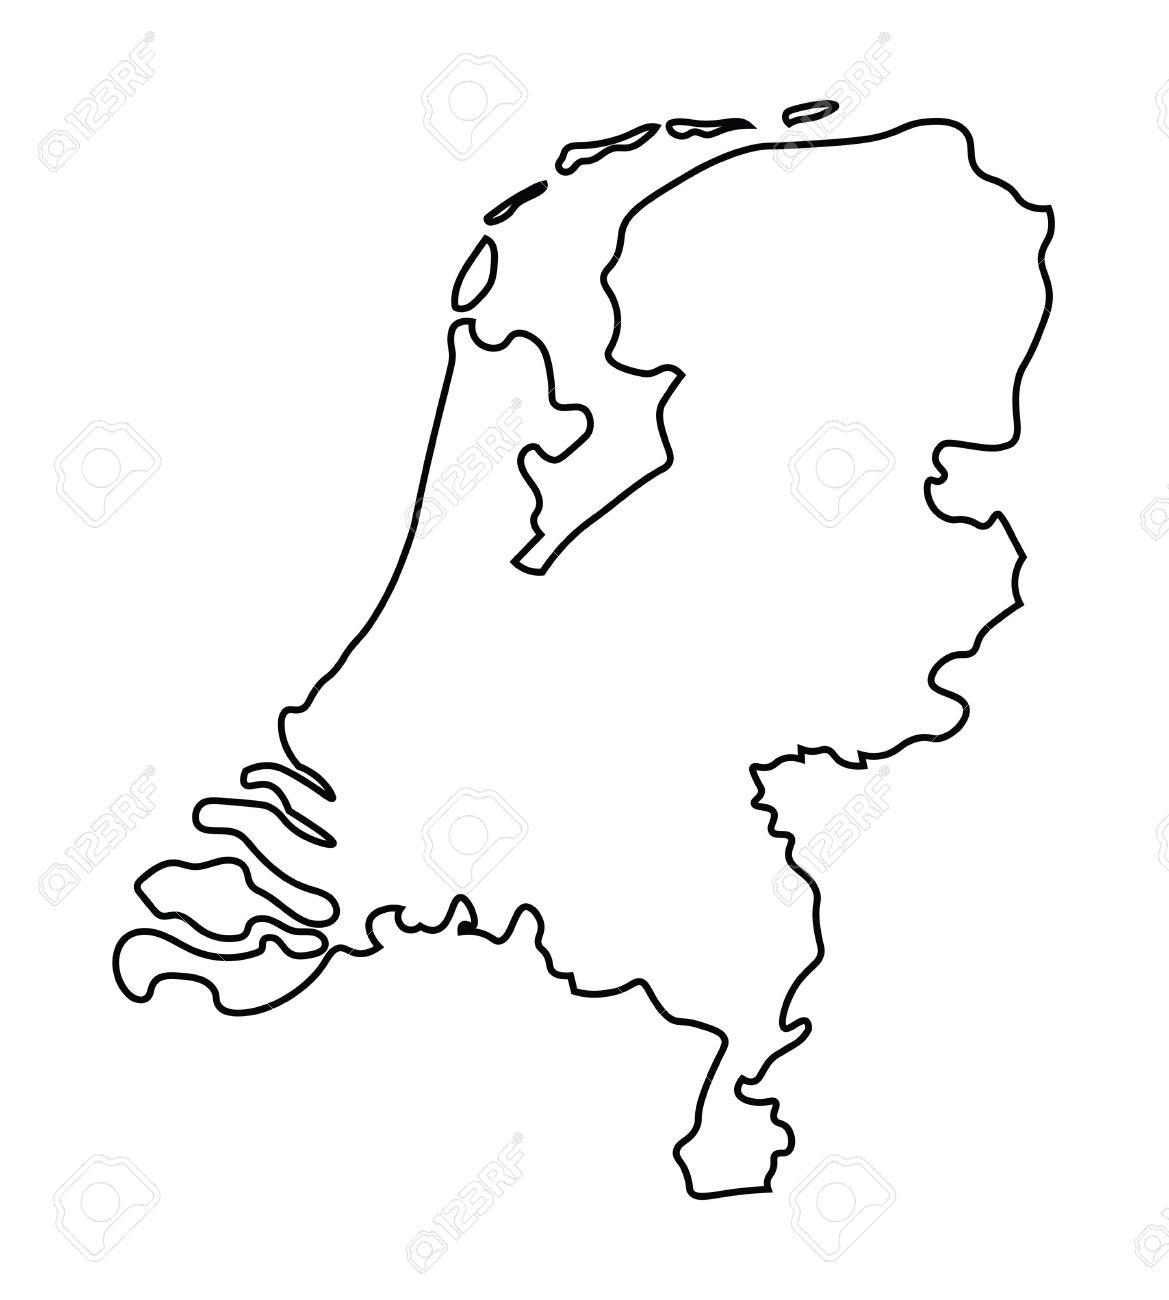 noir carte abstraite de la carte Pays-Bas Banque d'images - 37506609